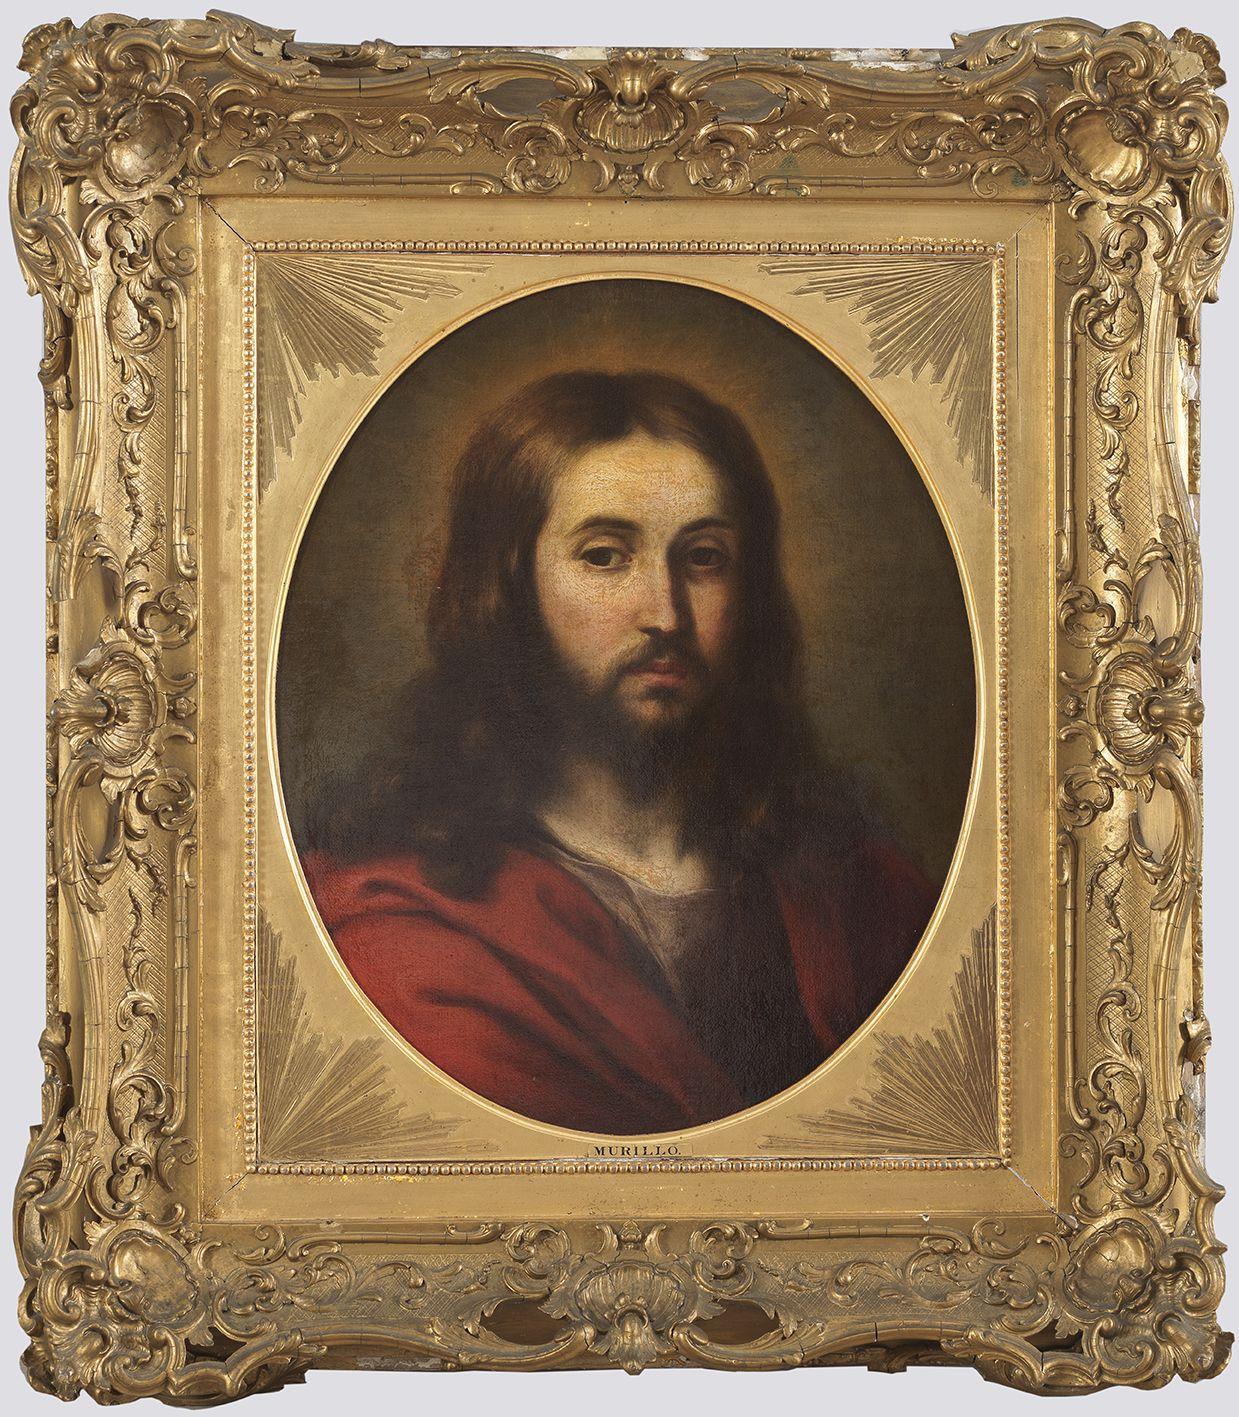 Bartolomé Esteban Murillo. Cabeza de Cristo, c. 1655, con marco. Salida y remate: 85.000 euros